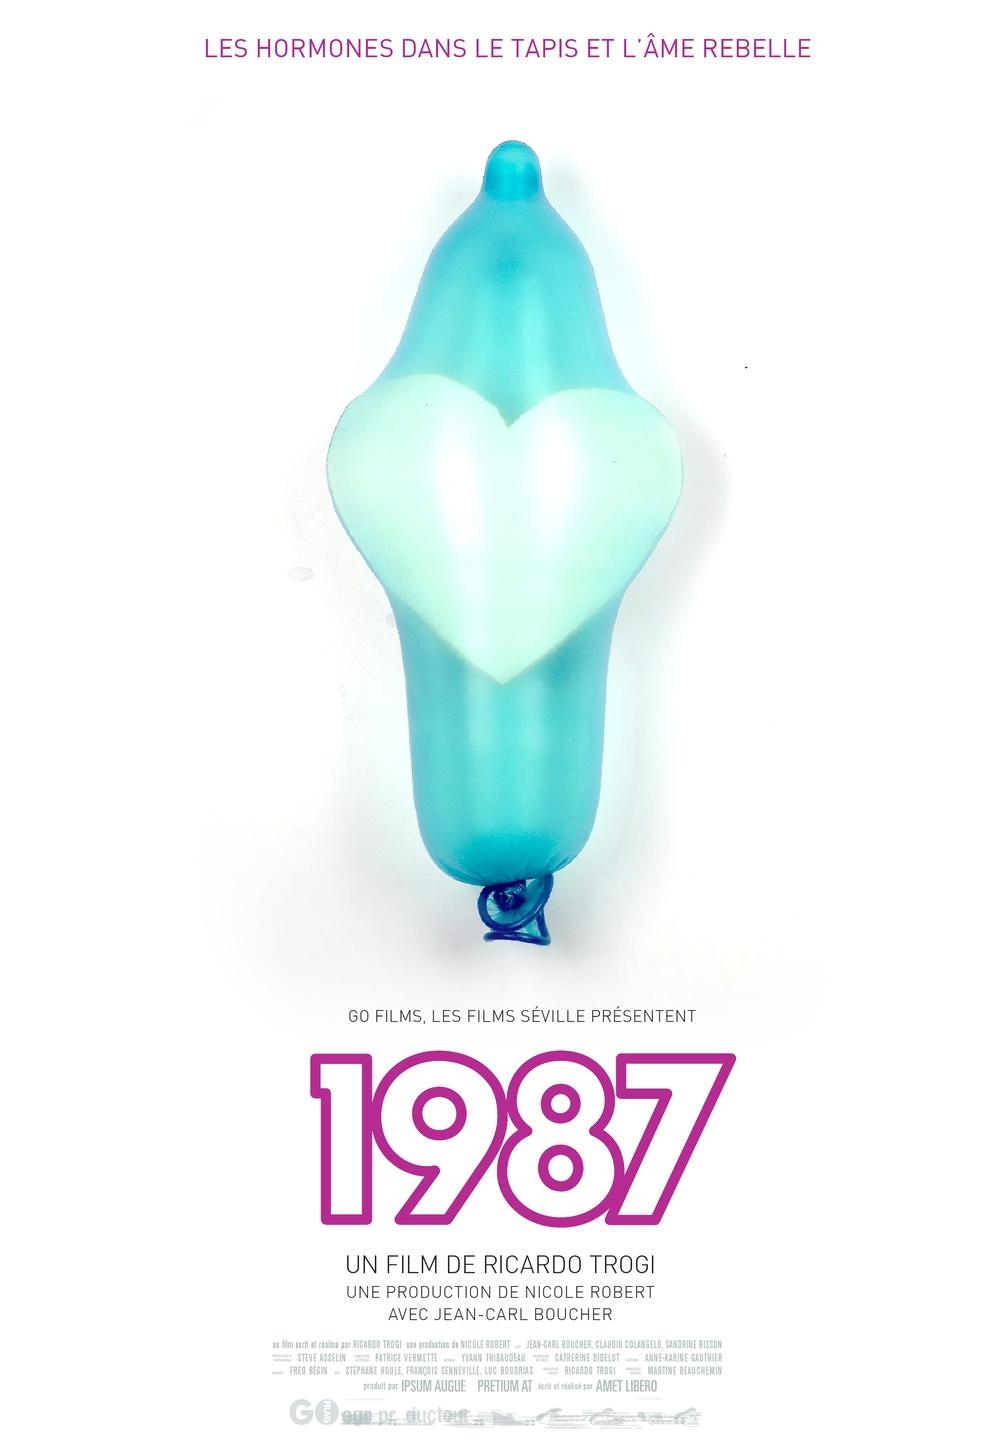 1987-poster-17avril-RENZO_00006.jpg